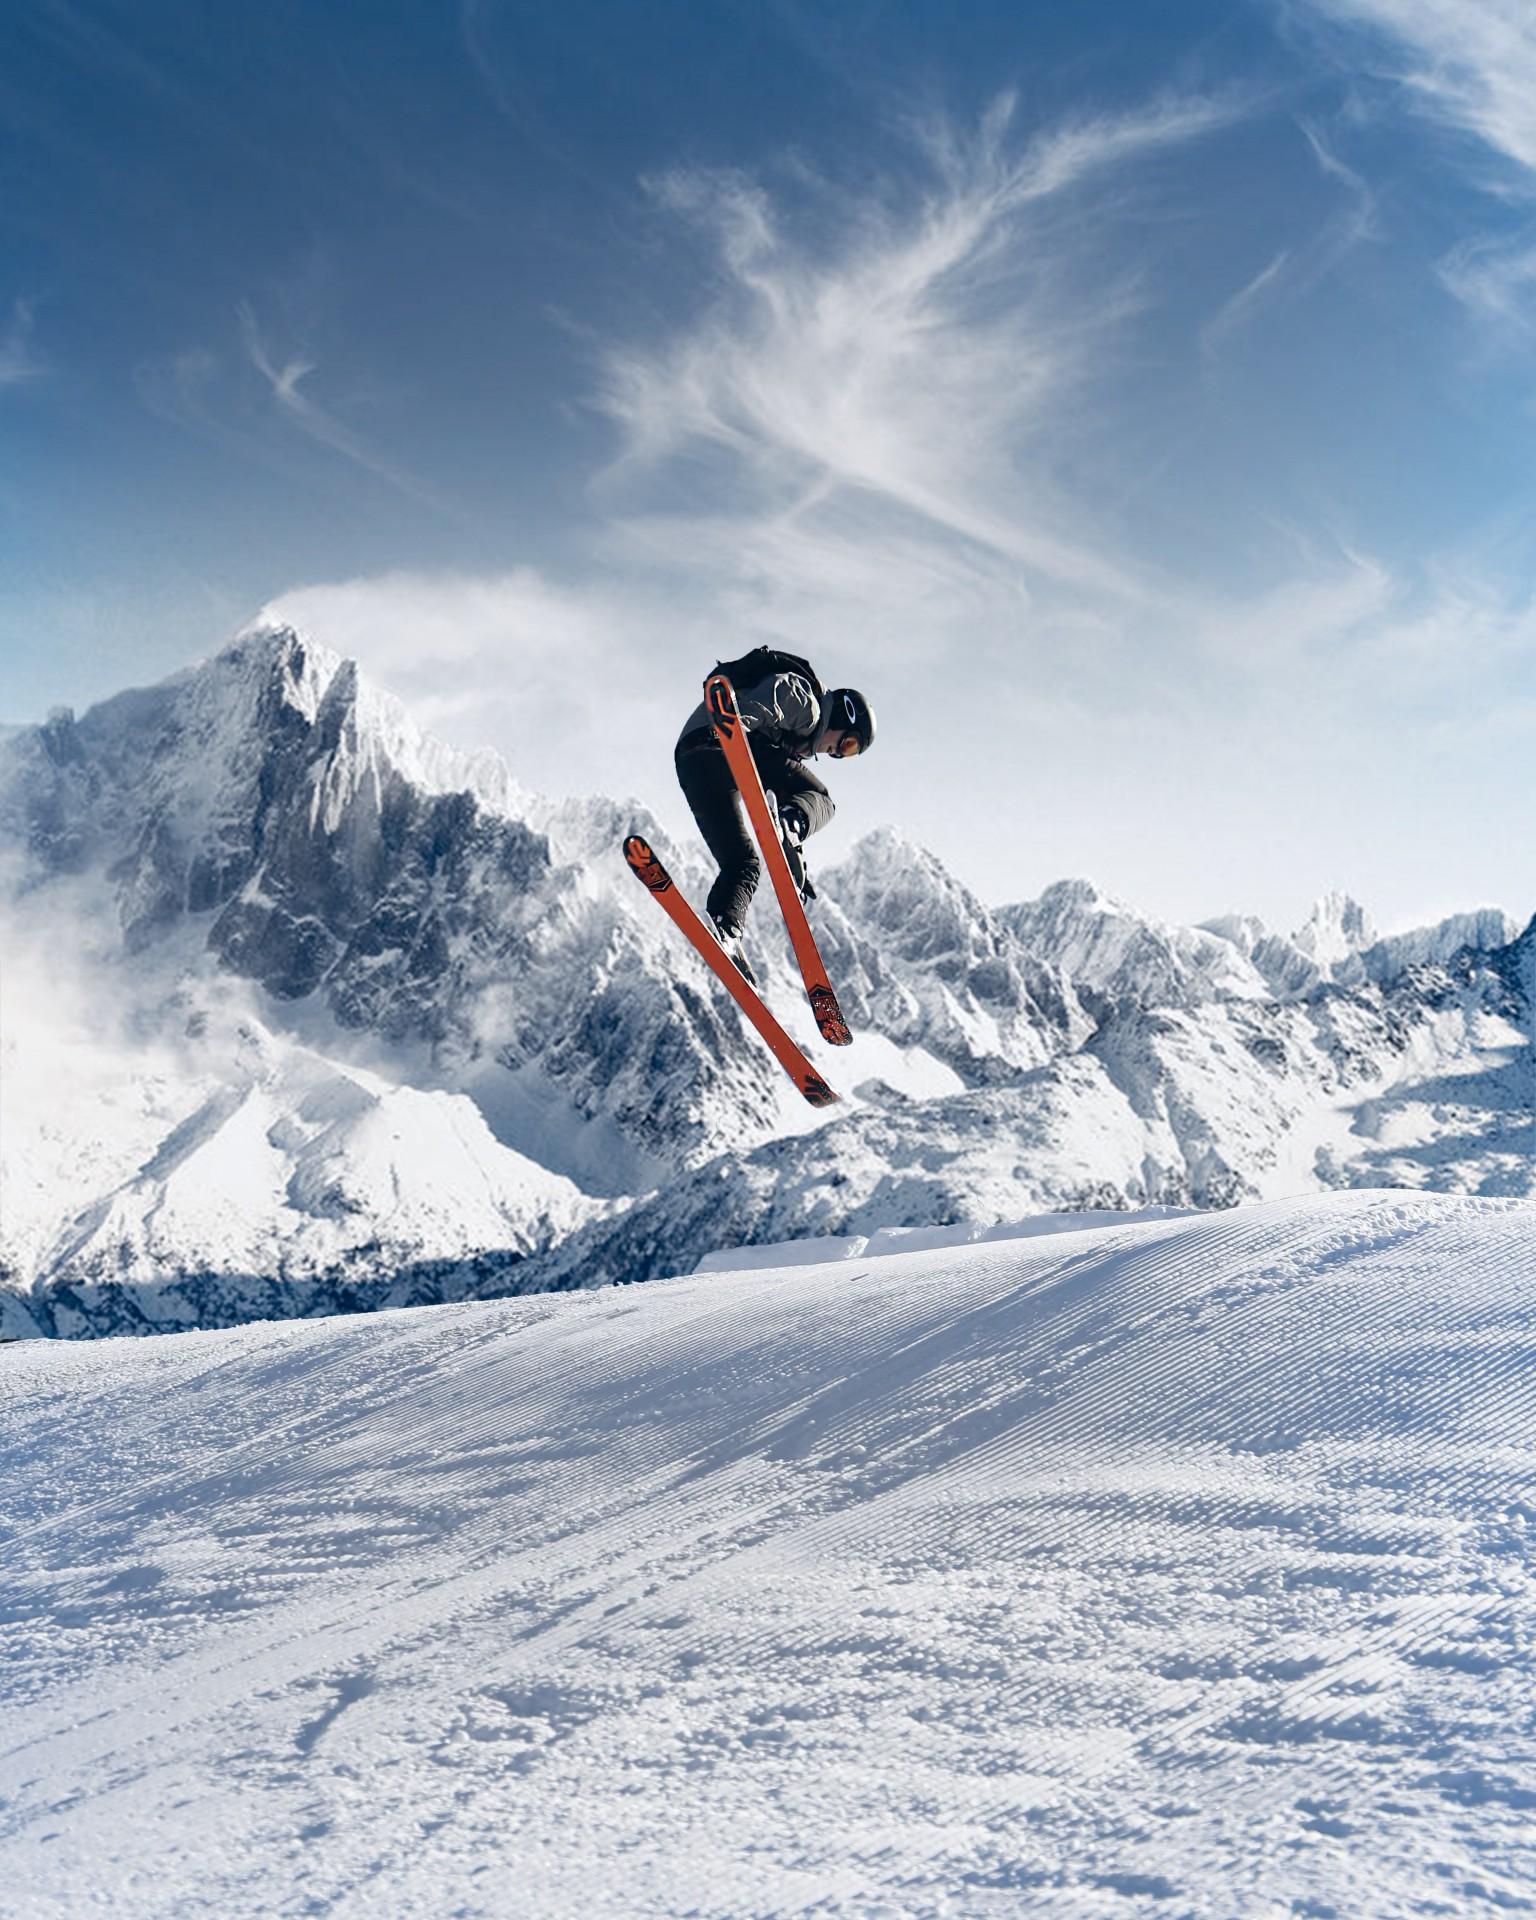 Prevenir enfermedades oculares esquiando